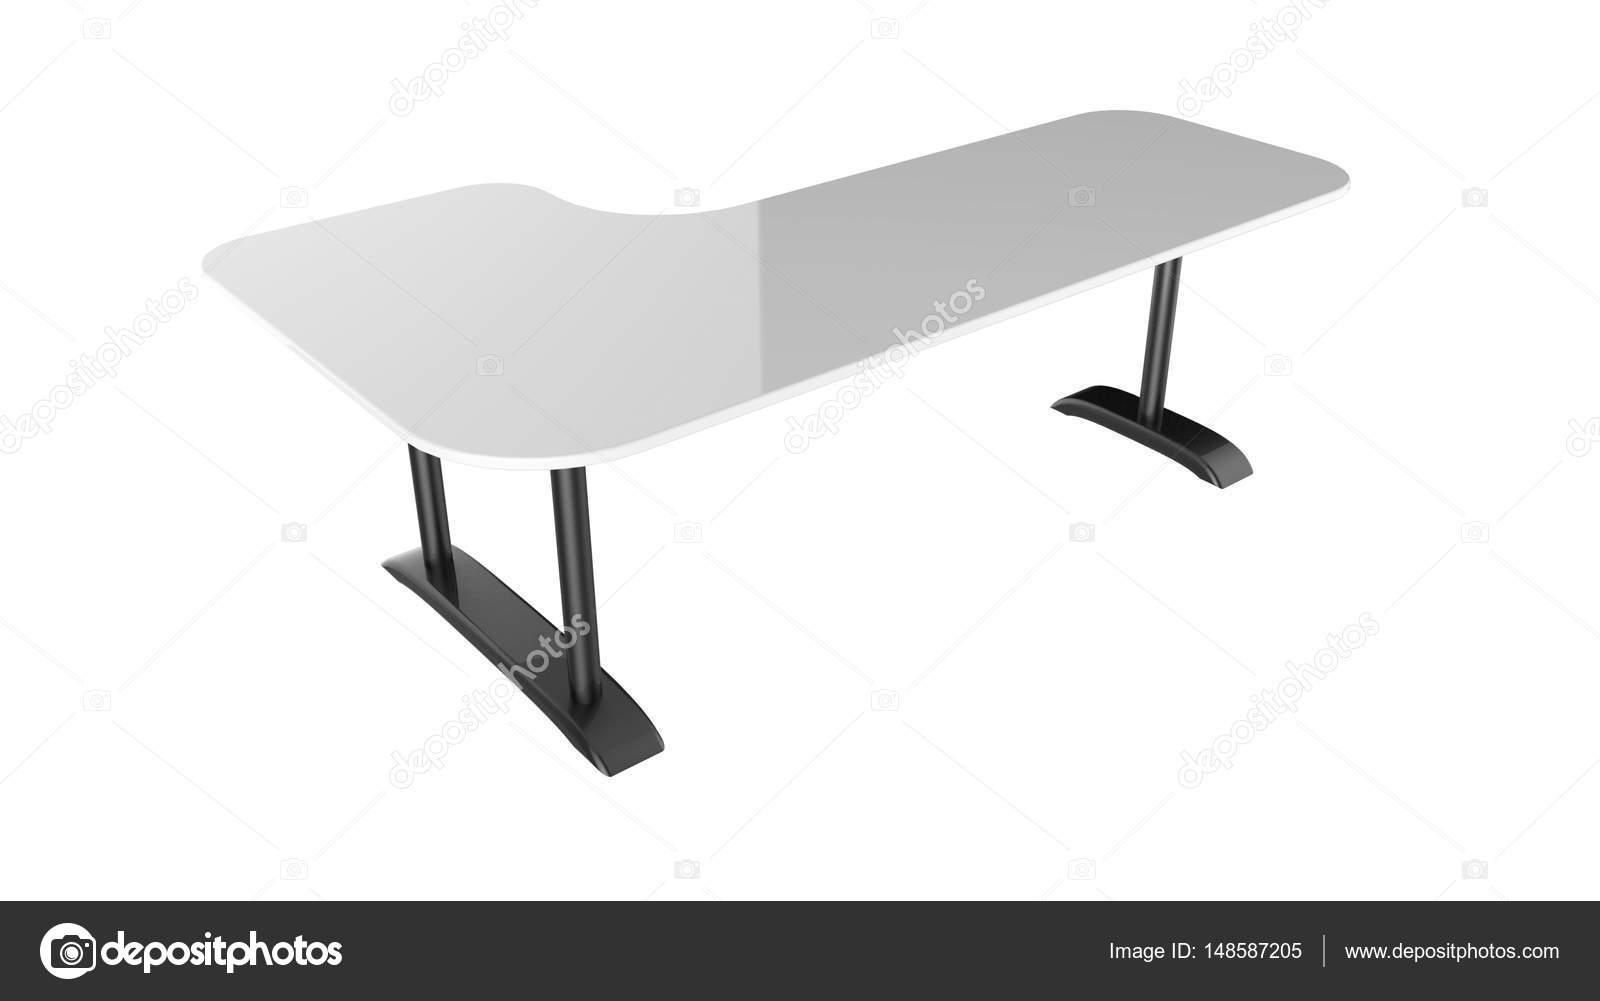 Tavolo Ufficio Bianco : Rendering 3d di tavolo ufficio bianco isolato su priorità bassa